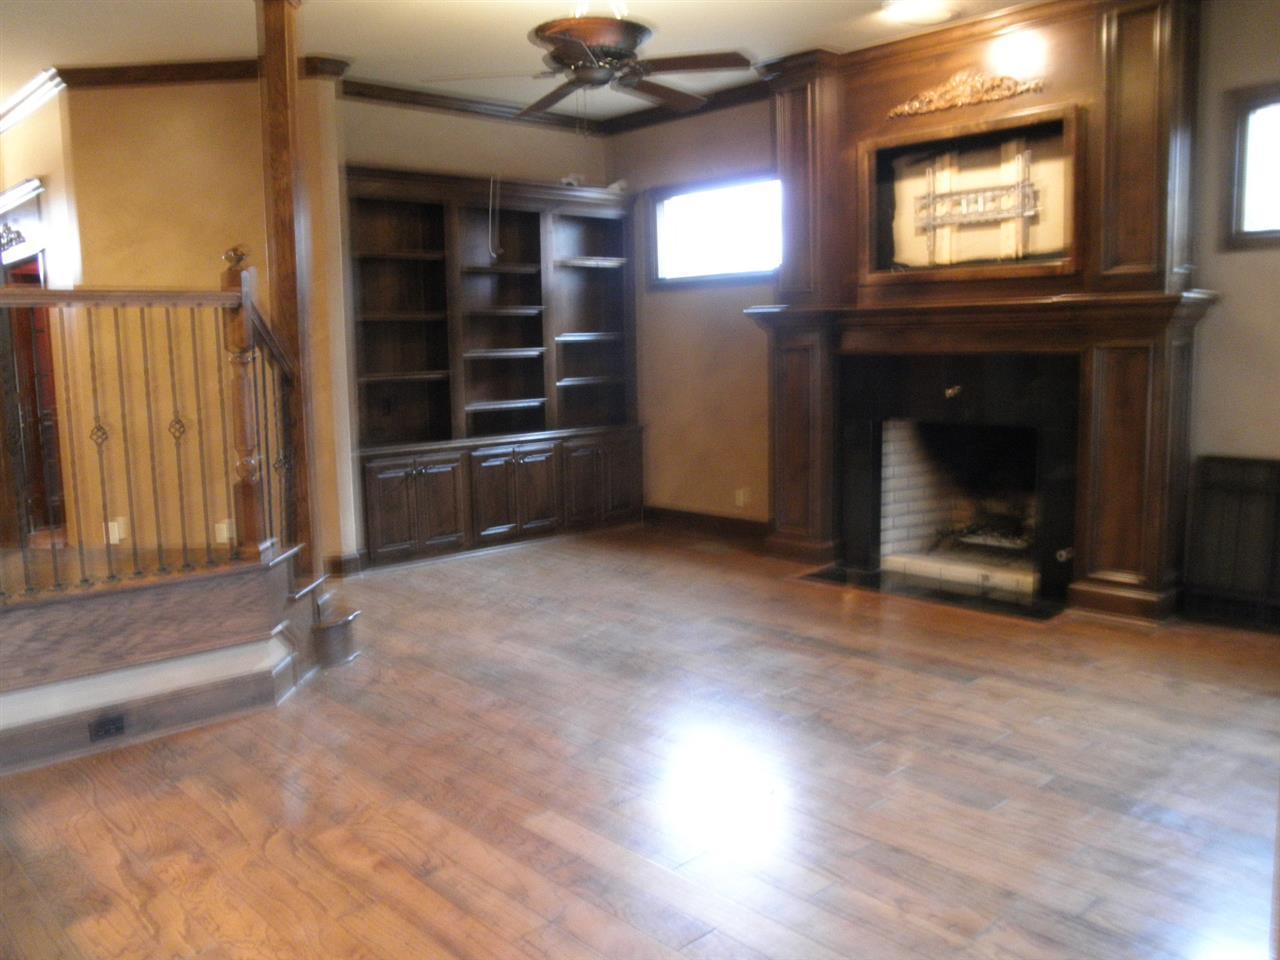 Sold Cross Sale W/ MLS | 2705 Mockingbird  Ponca City, OK 74604 7